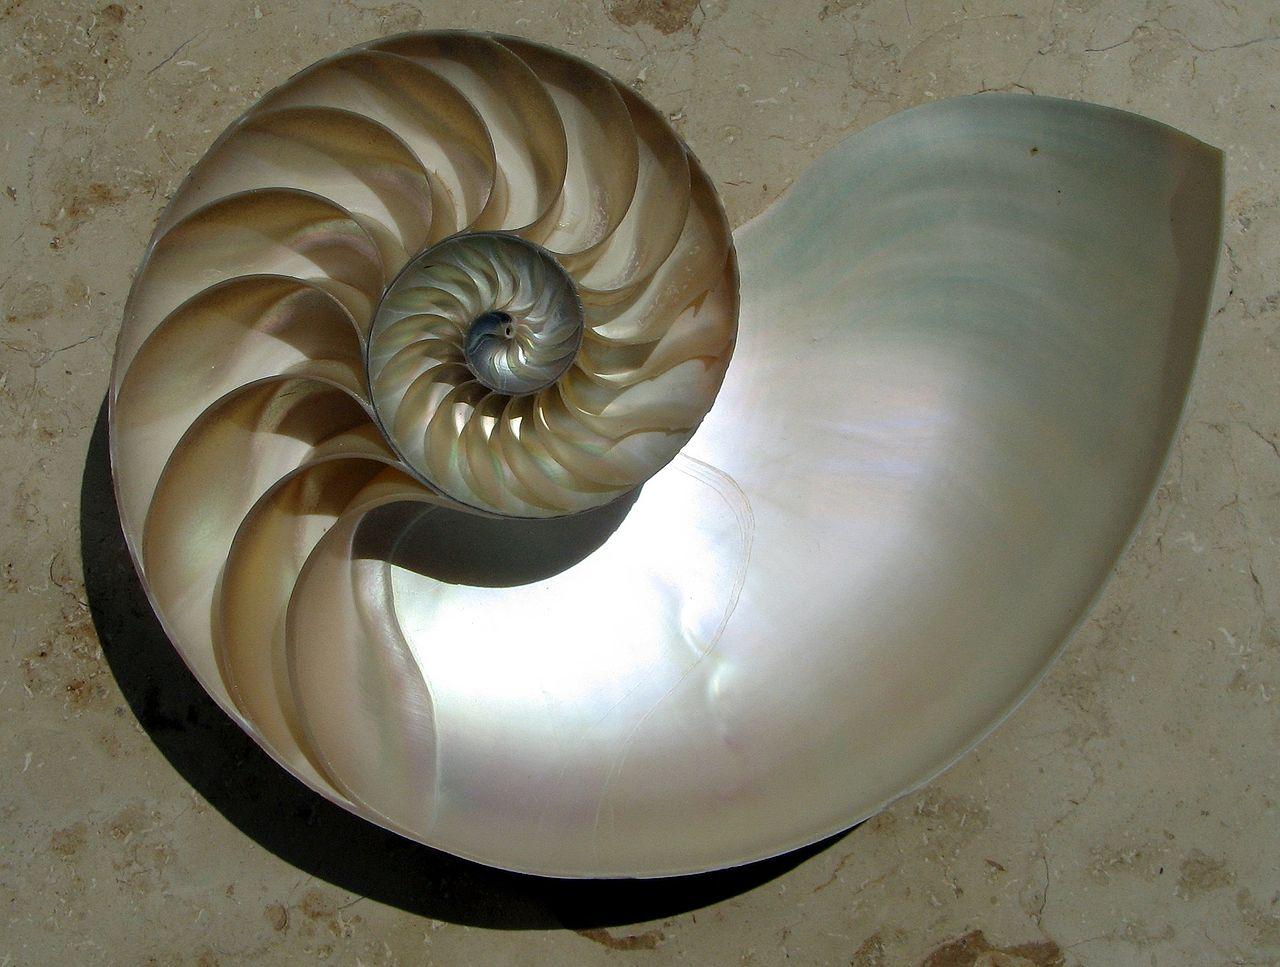 アンモナイトやオウムガイ、巻貝の貝殻